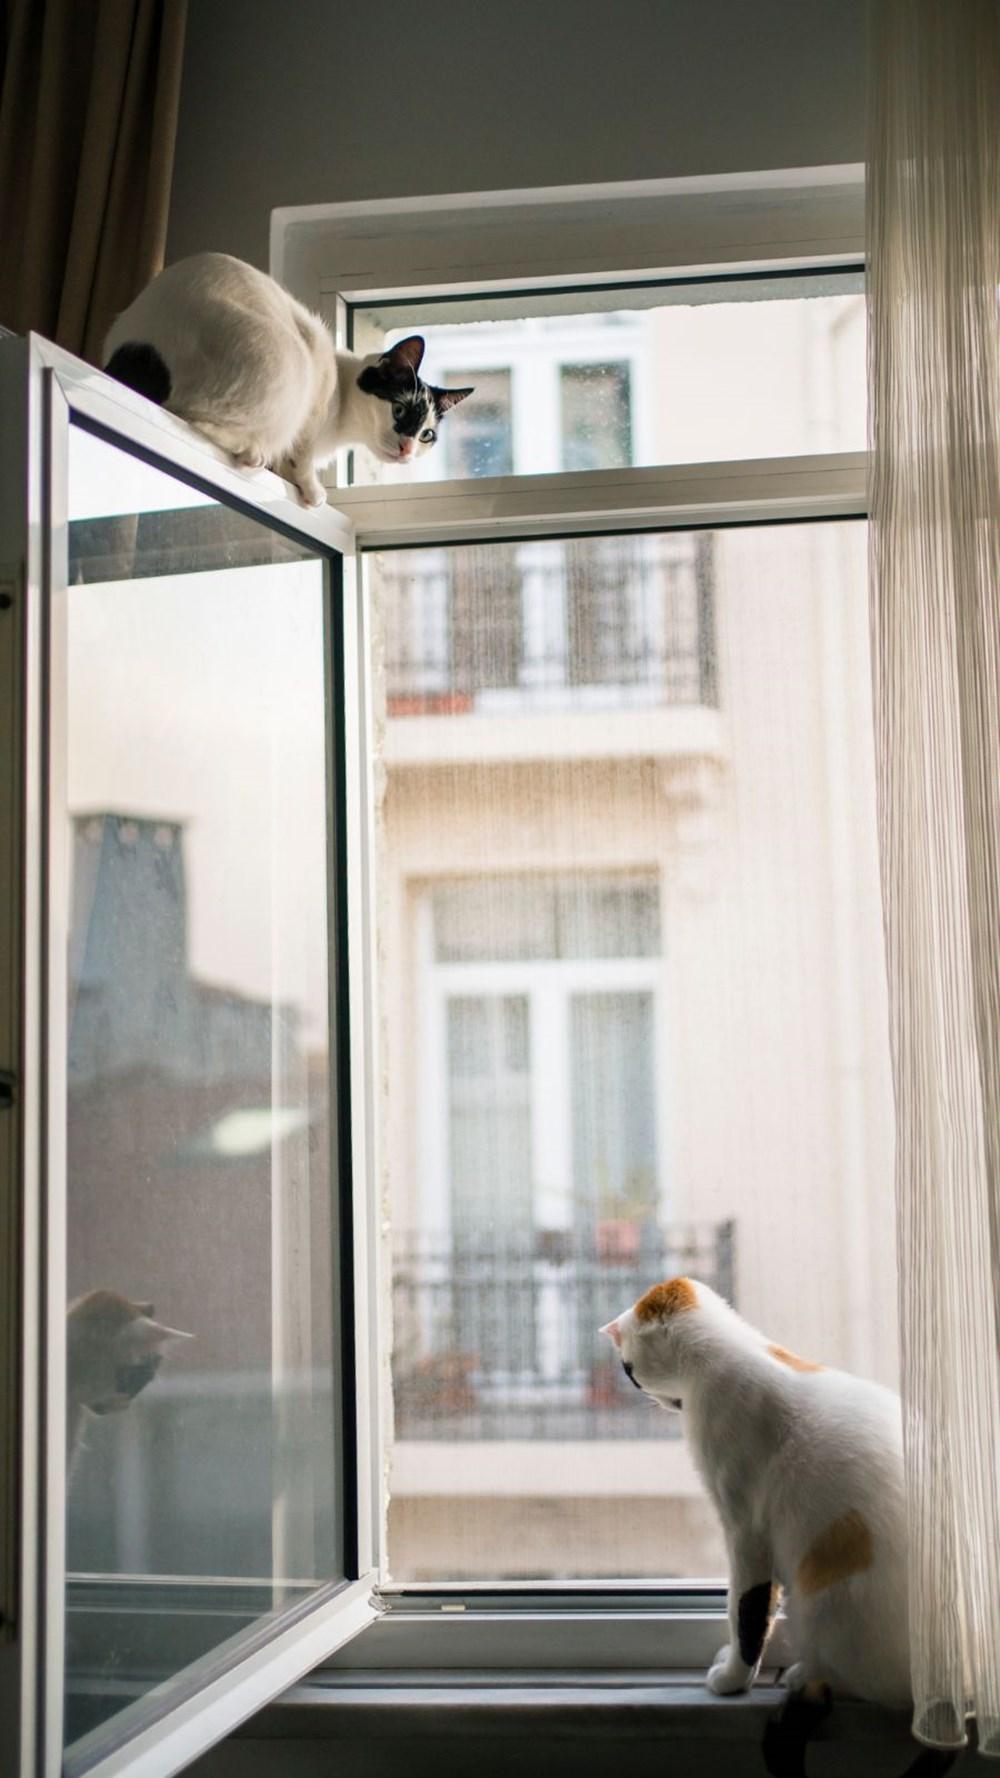 Avrupa kedi sahipliği oranı belli oldu: Türkiye'nin yüzde 19'u kedi sahibi - 3